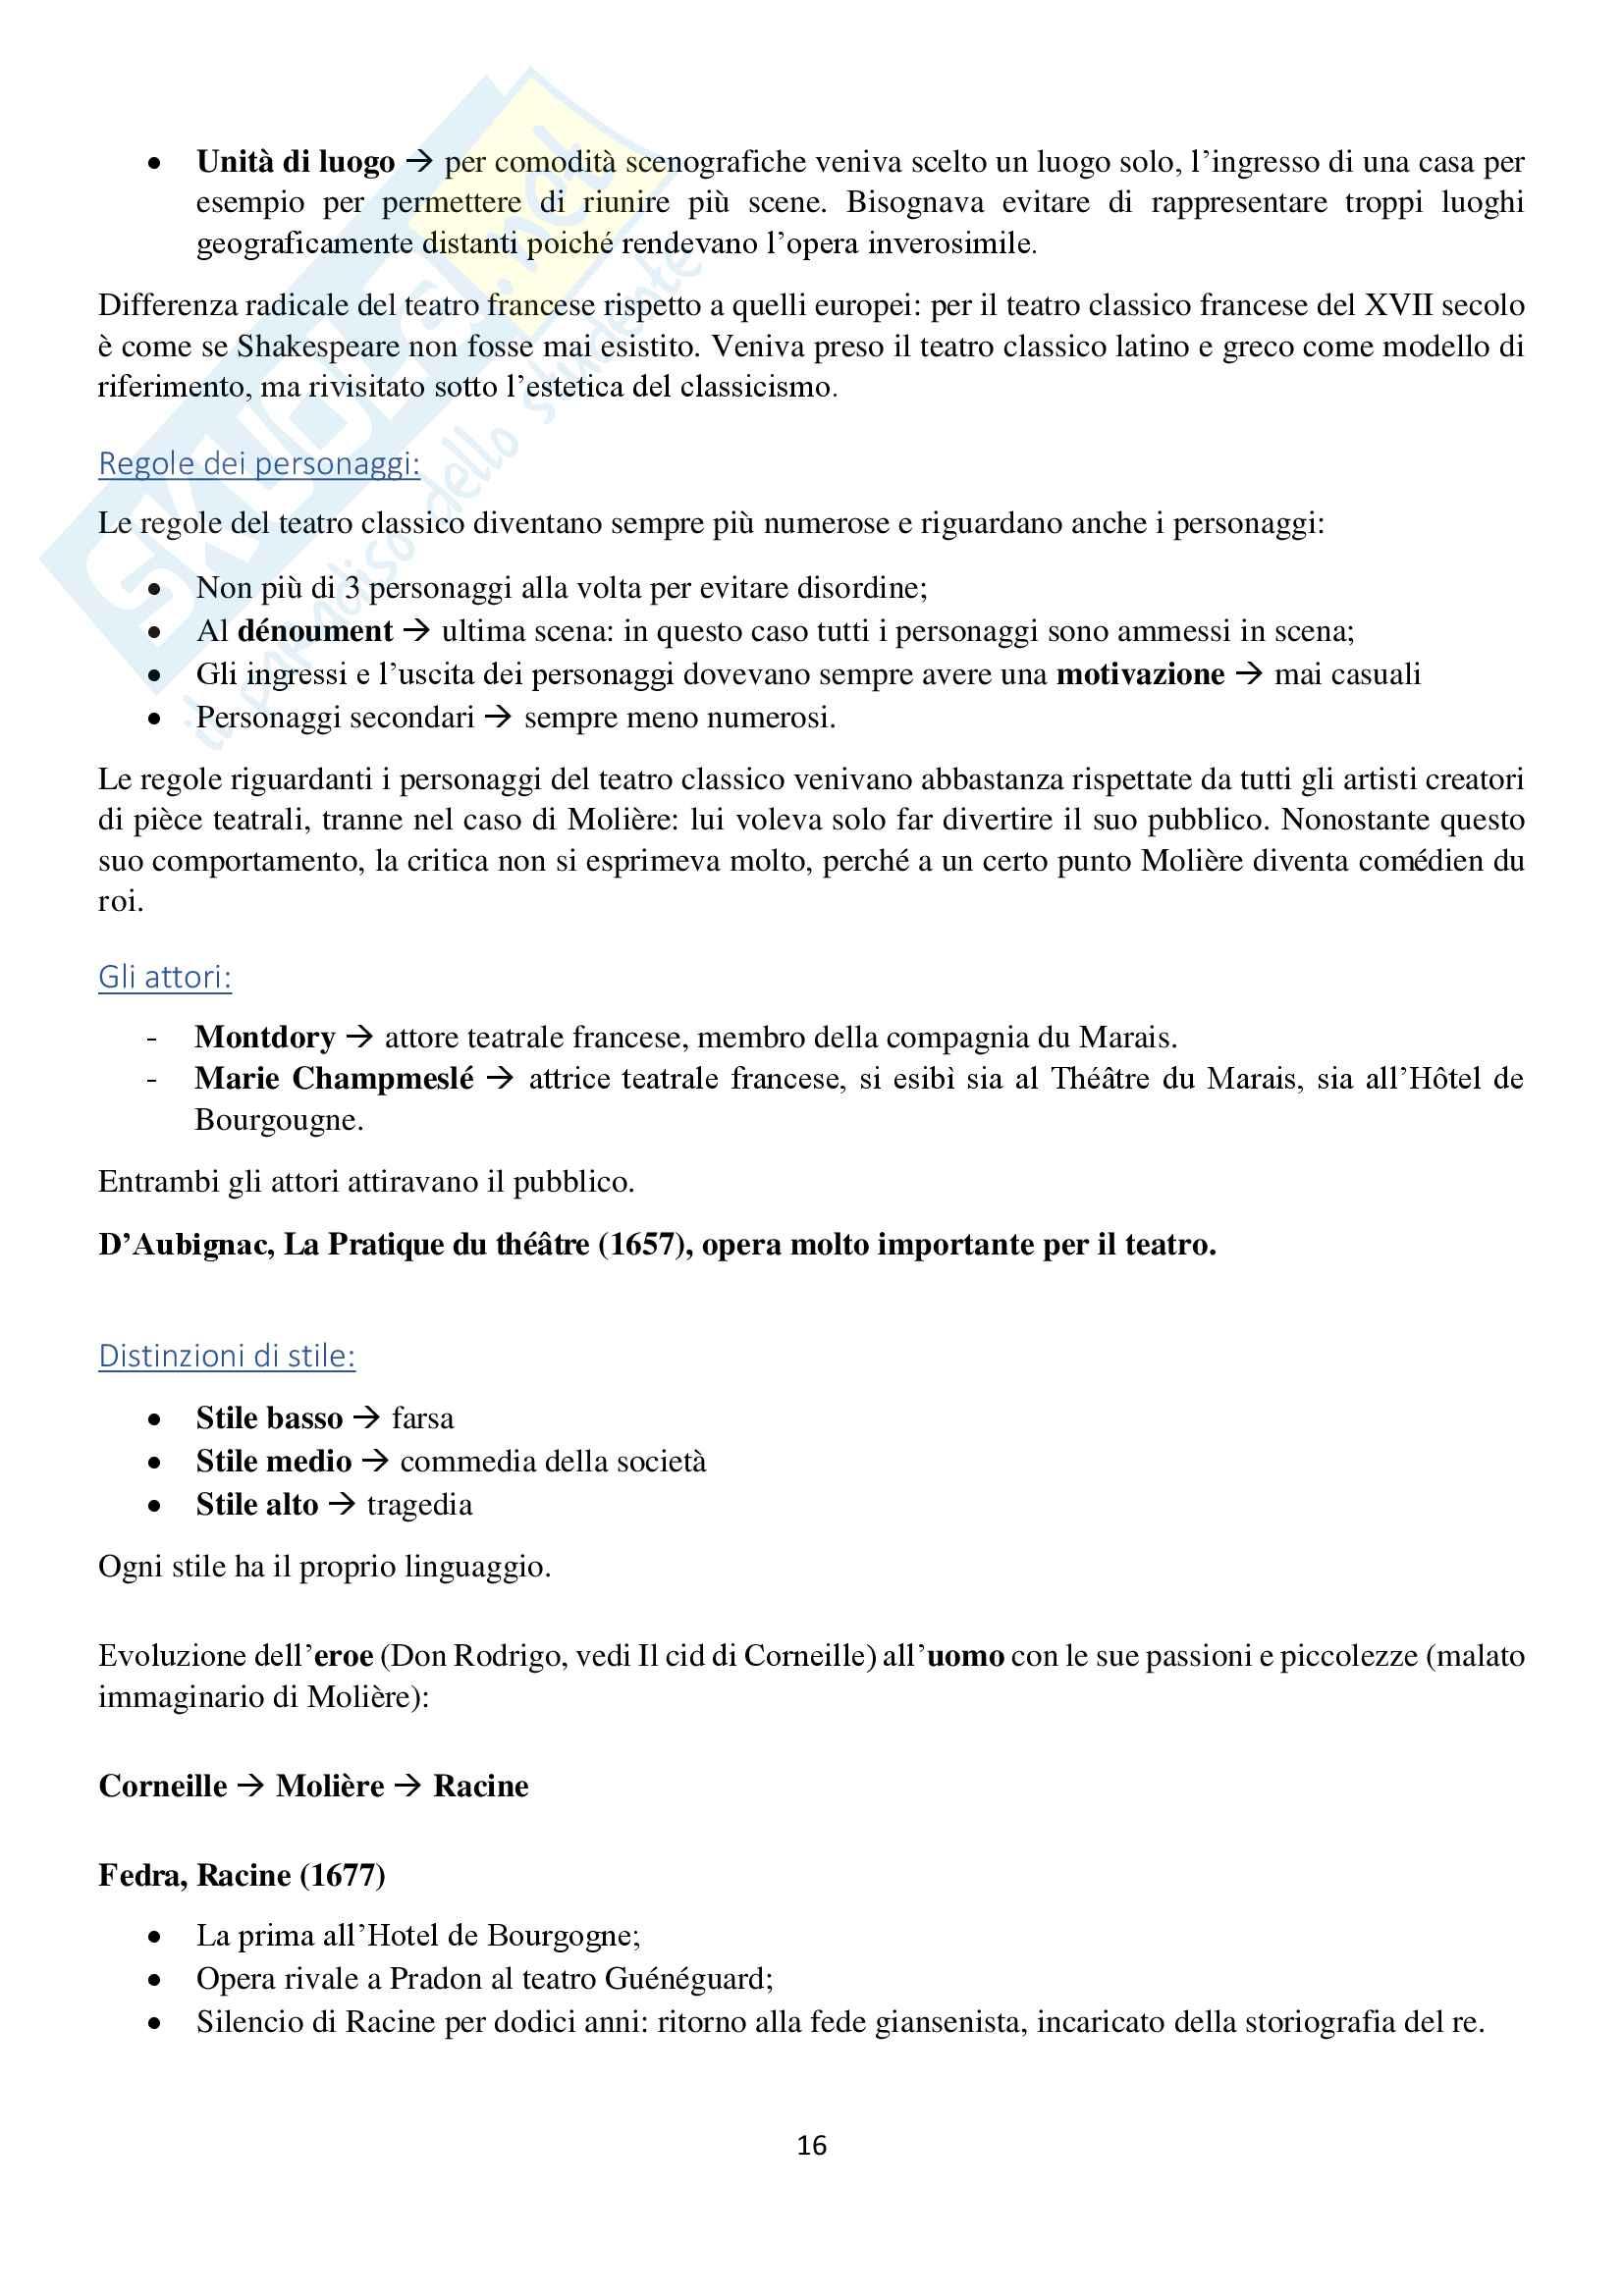 Storia della cultura francese dal Seicento all'Ottocento, esame di storia della cultura francese, prof. Brignoli, appunti Pag. 16